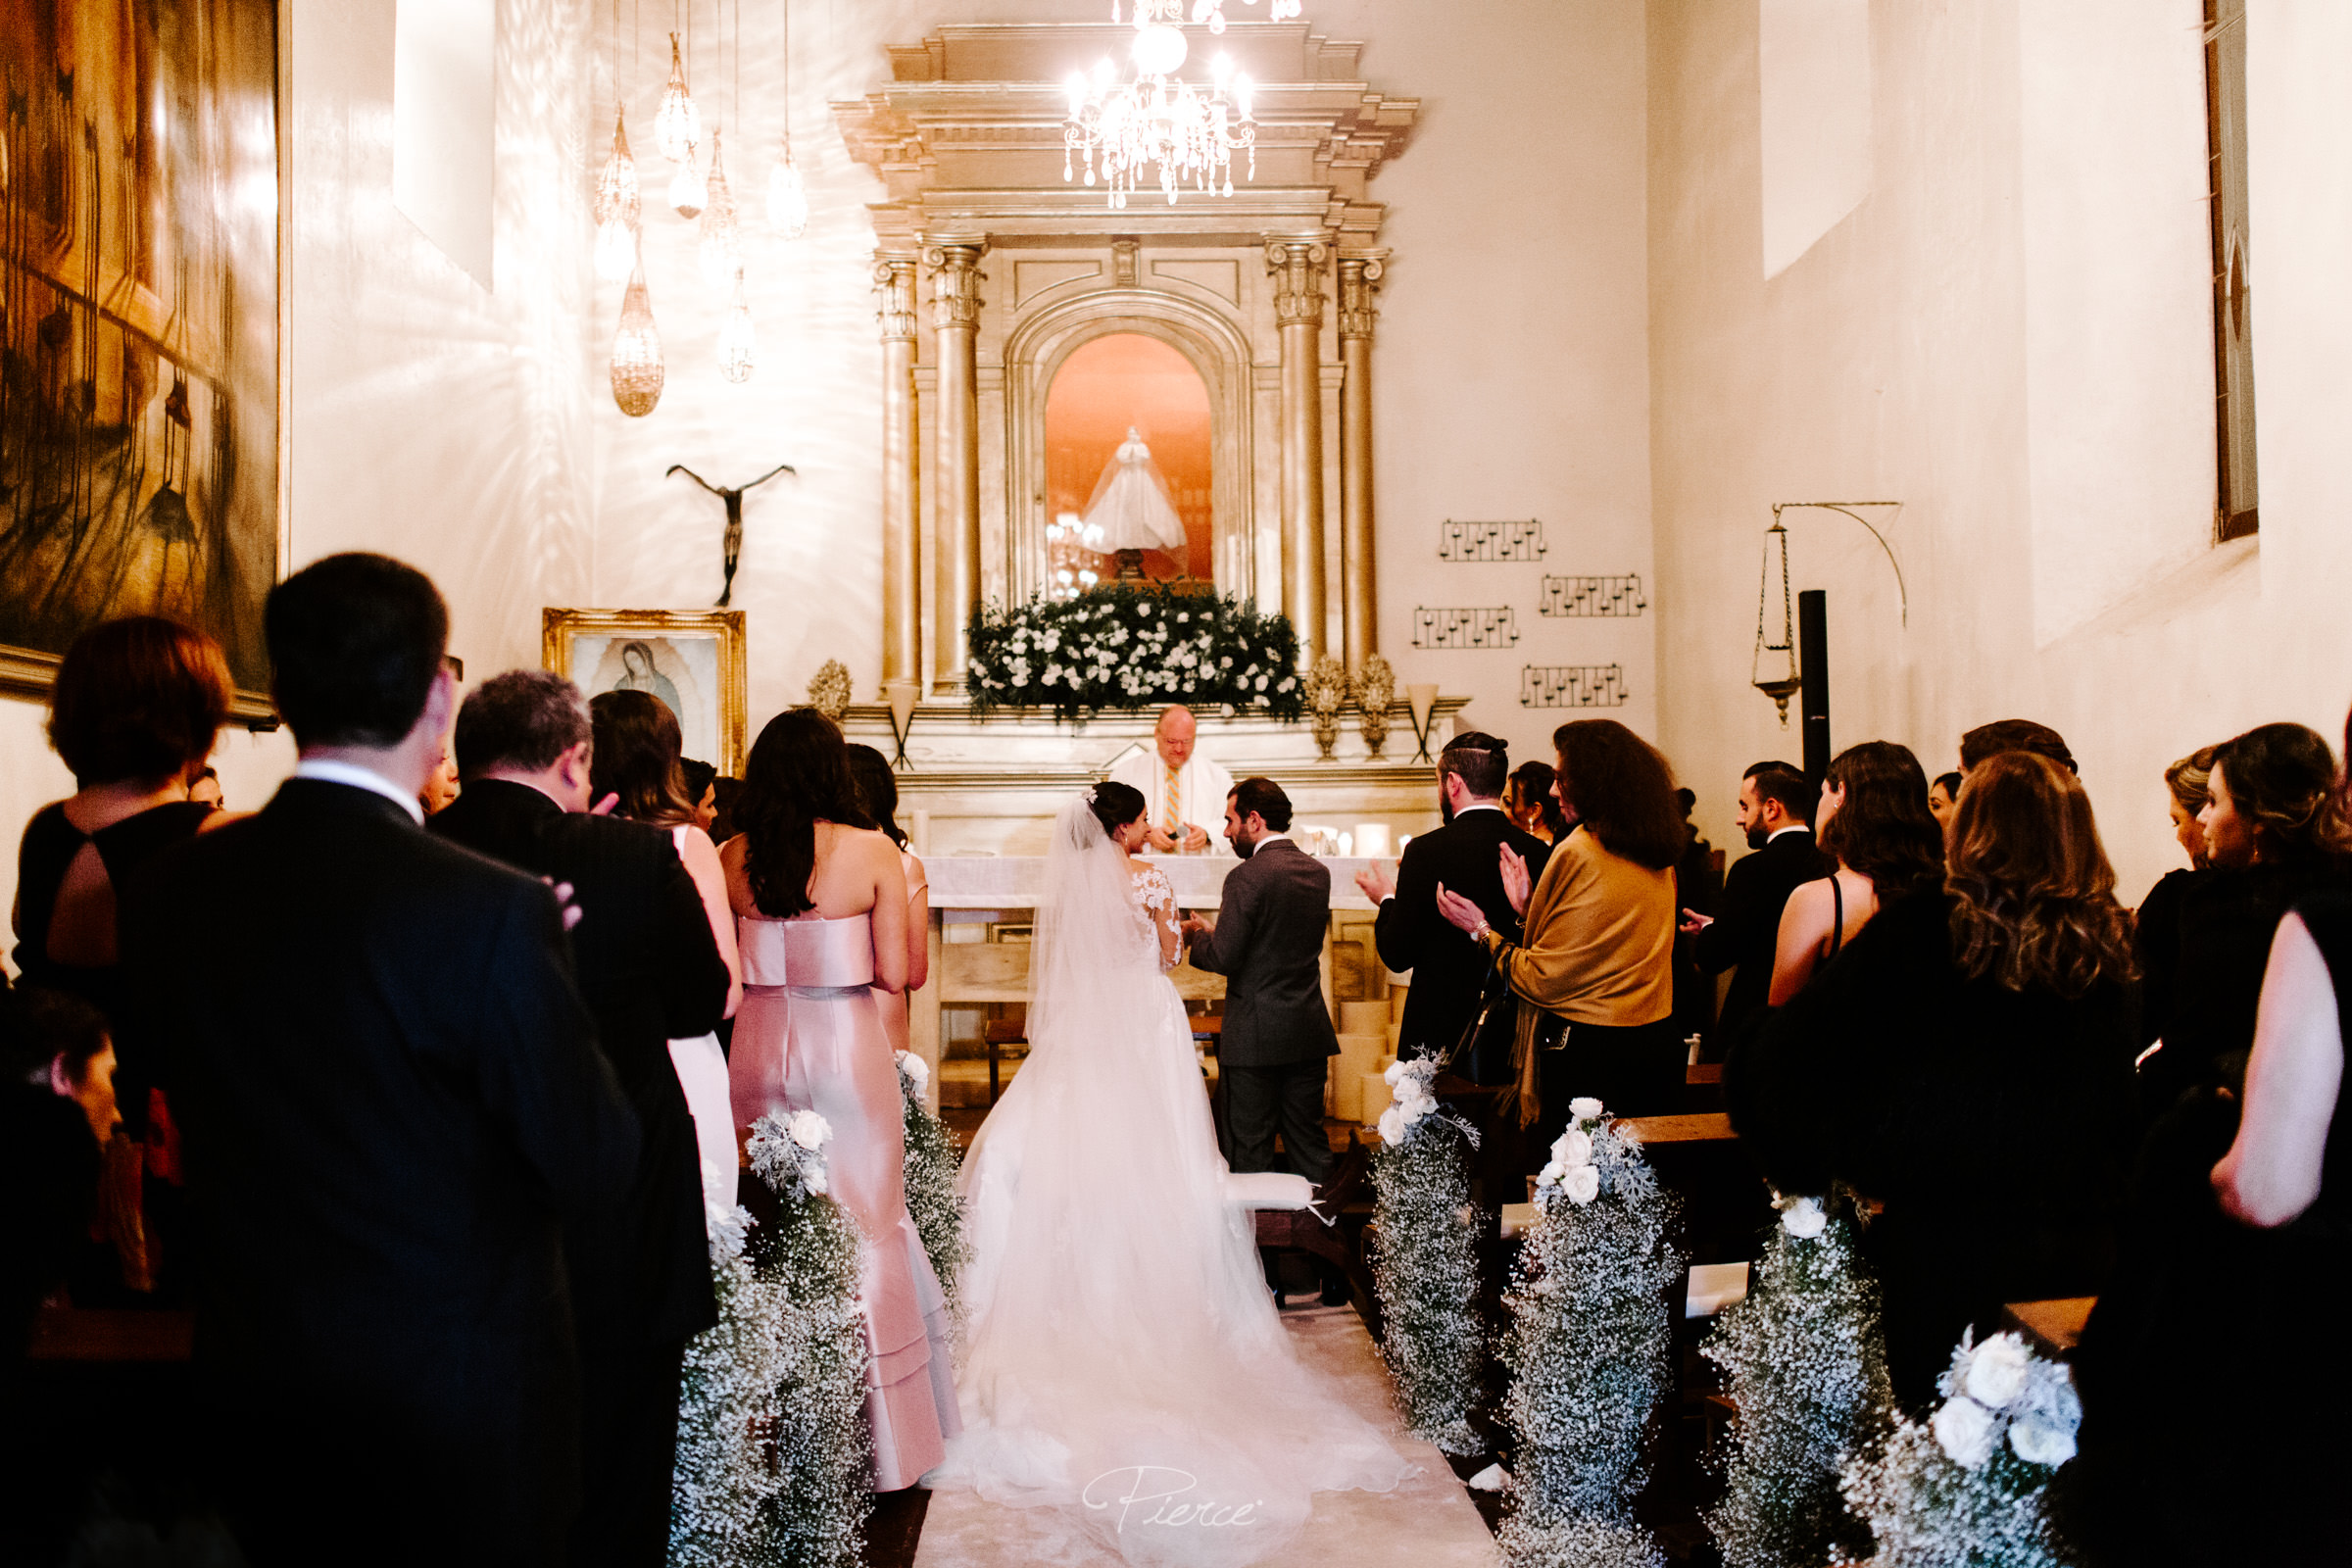 fotografia-de-boda-valle-de-bravo-mexico-rosmarino-pierce-weddings-0109.JPG